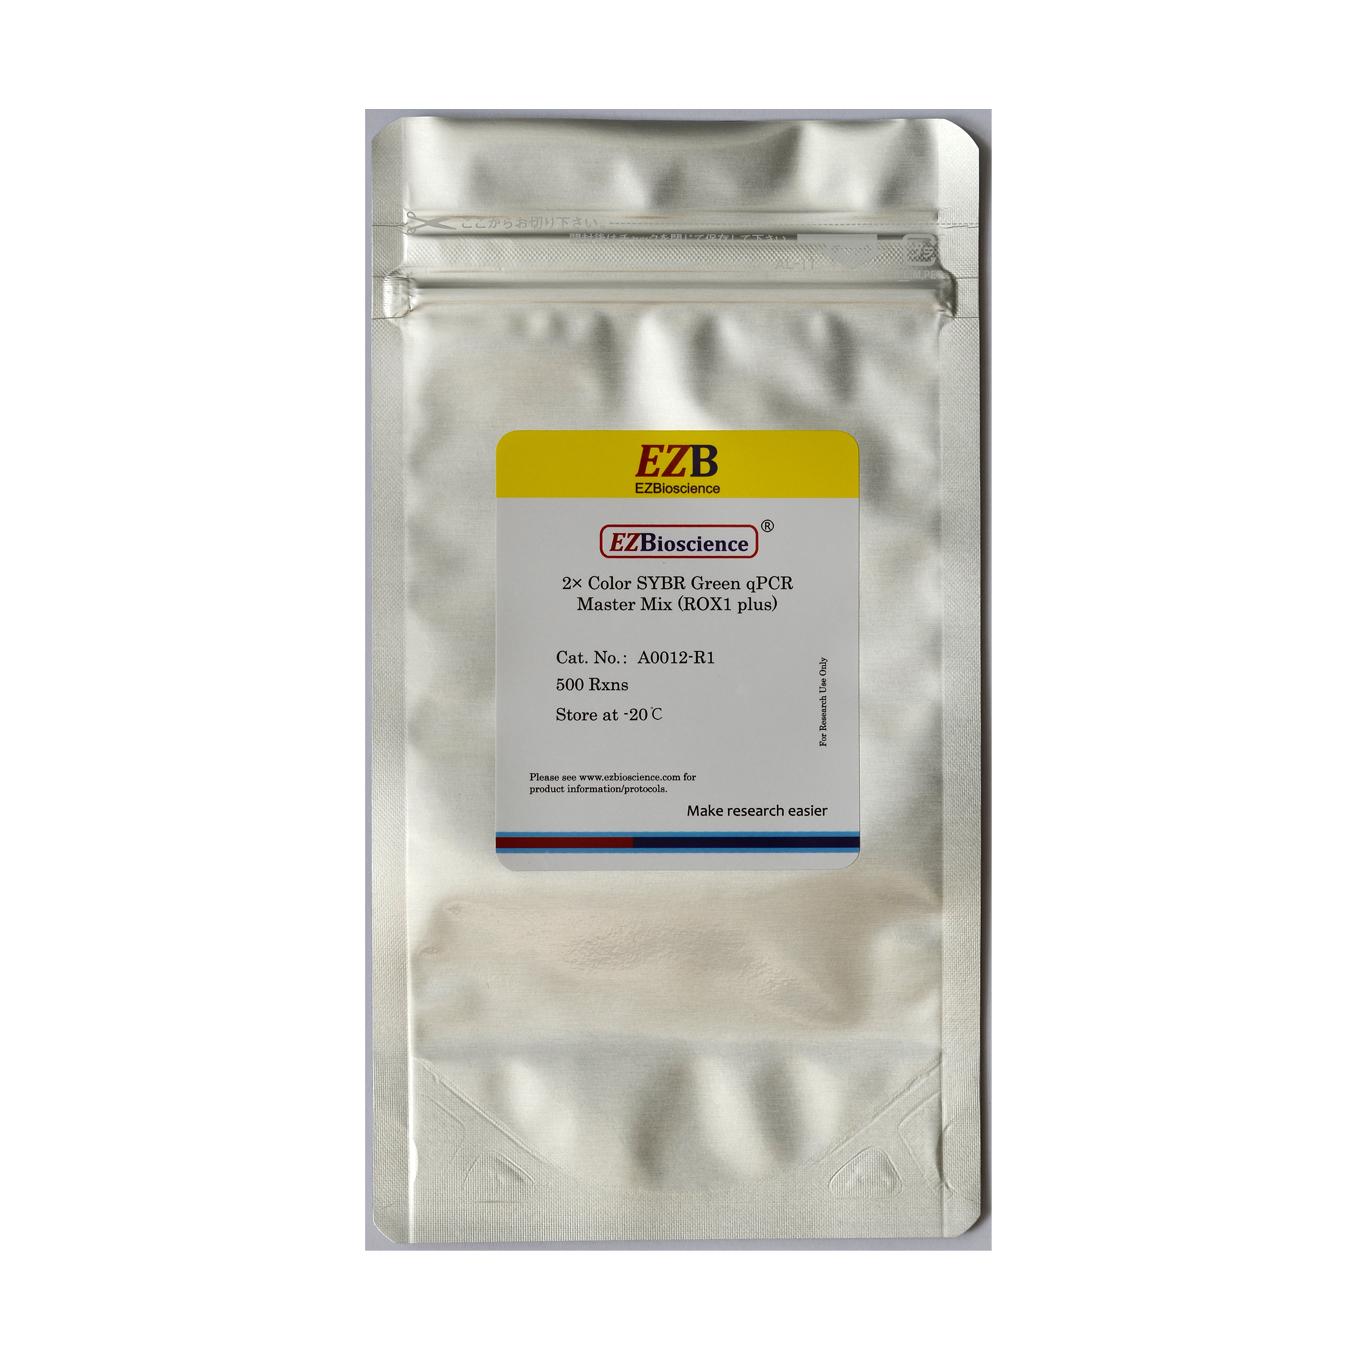 彩色qPCR试剂盒(预混ROX1)